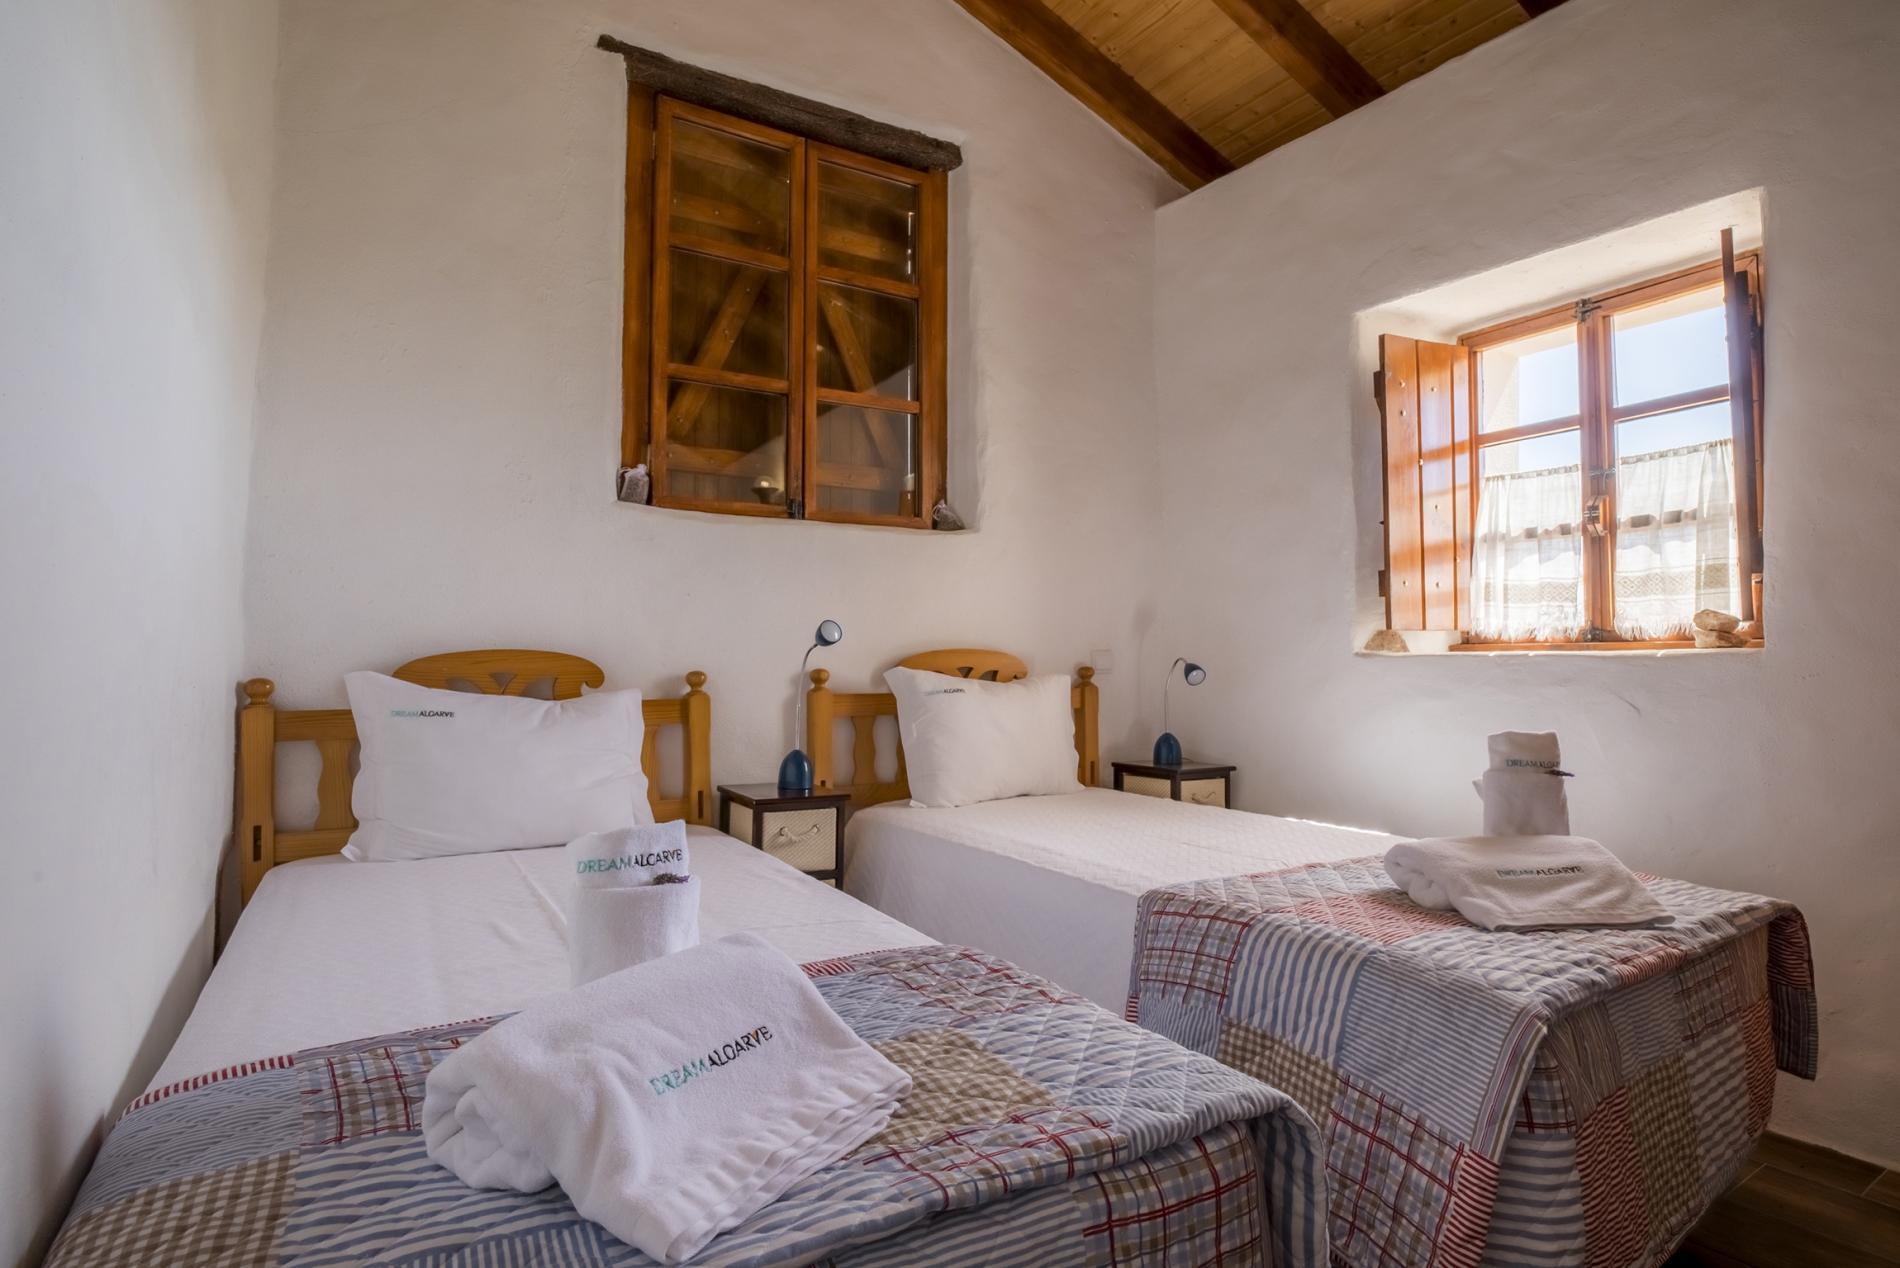 F - Casa do Garibaldi in Quinta das Alagoas photo 22521330